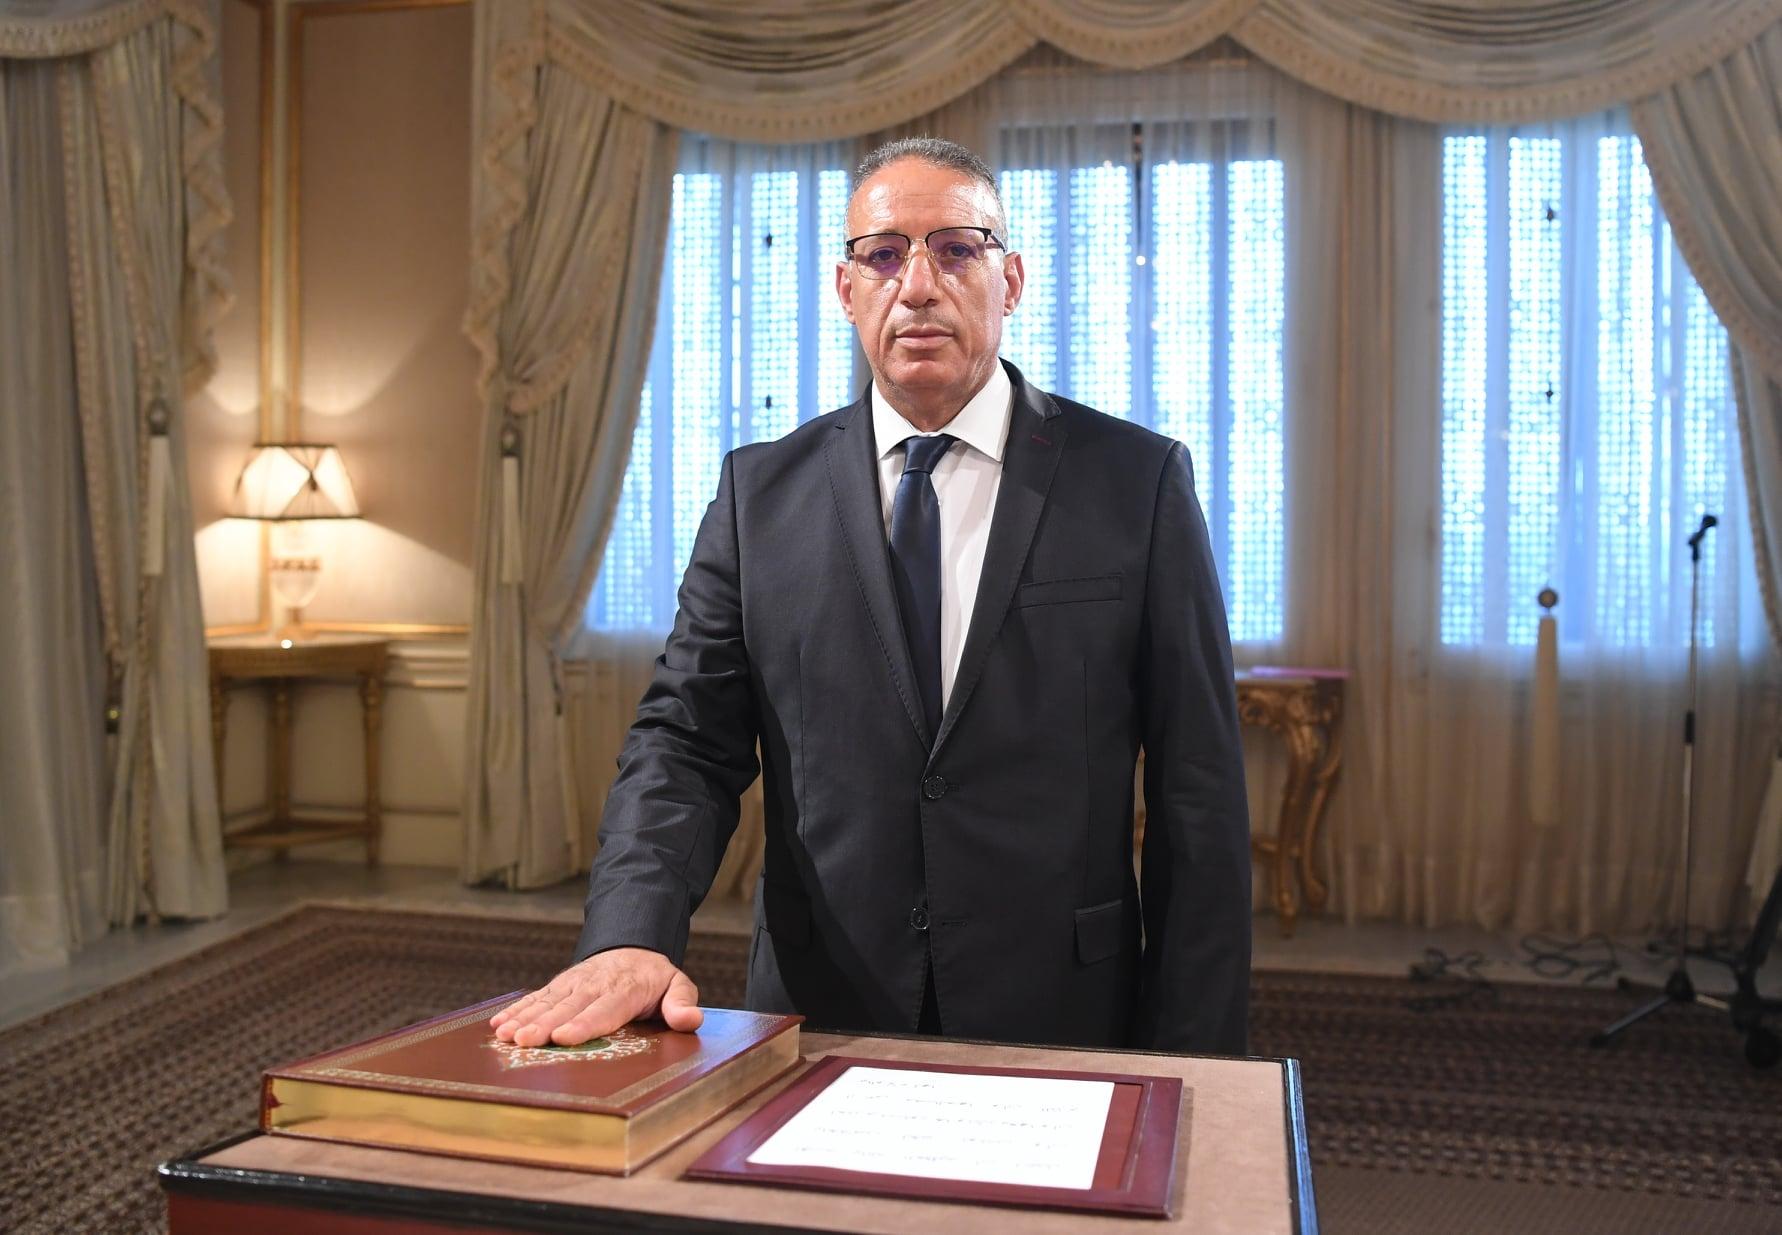 Tunisie : Qui est Ridha Gharsellaoui, le nouveau ministre de l'Intérieur ?